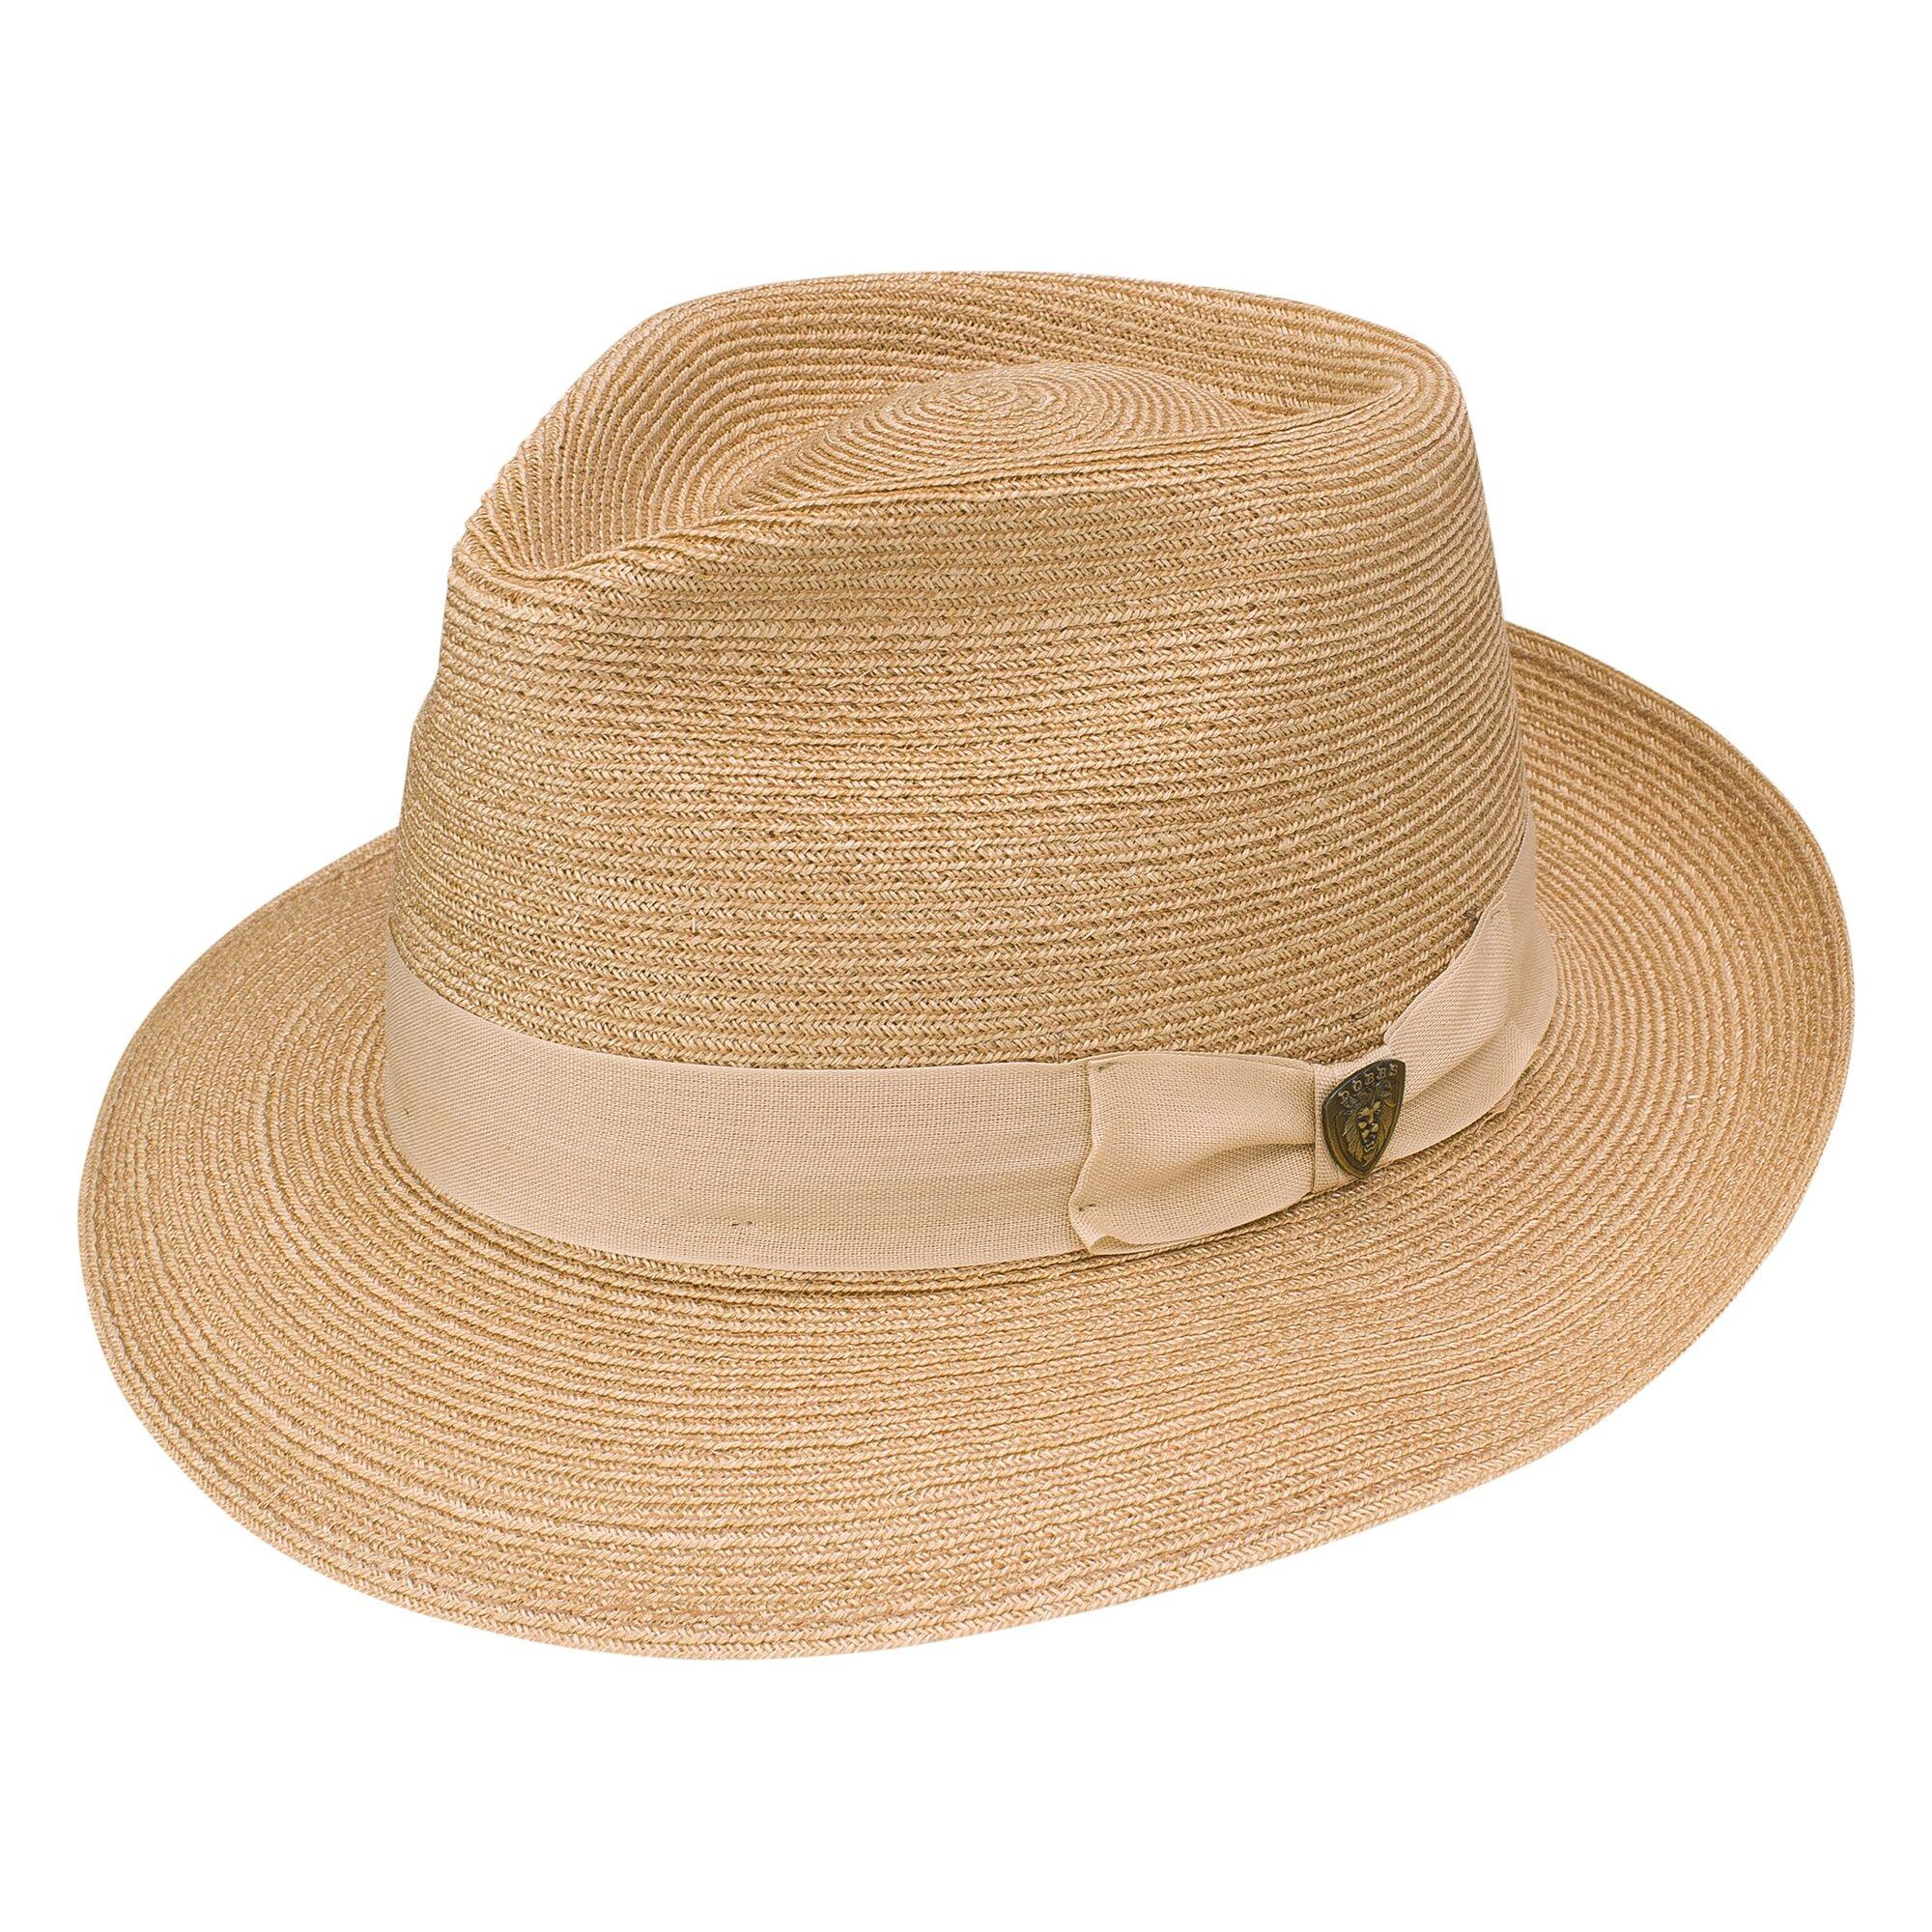 Dobbs Cornell - Hemp Fedora Hat